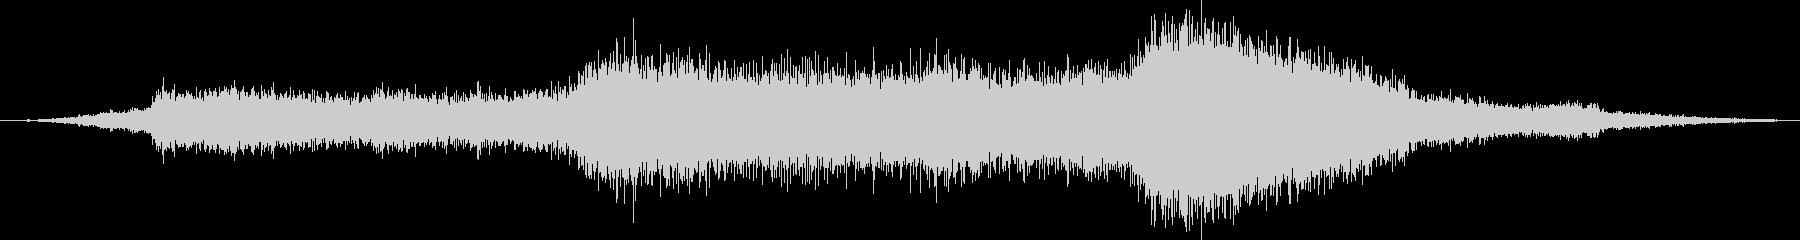 ダブルデッカートランジットバス:E...の未再生の波形